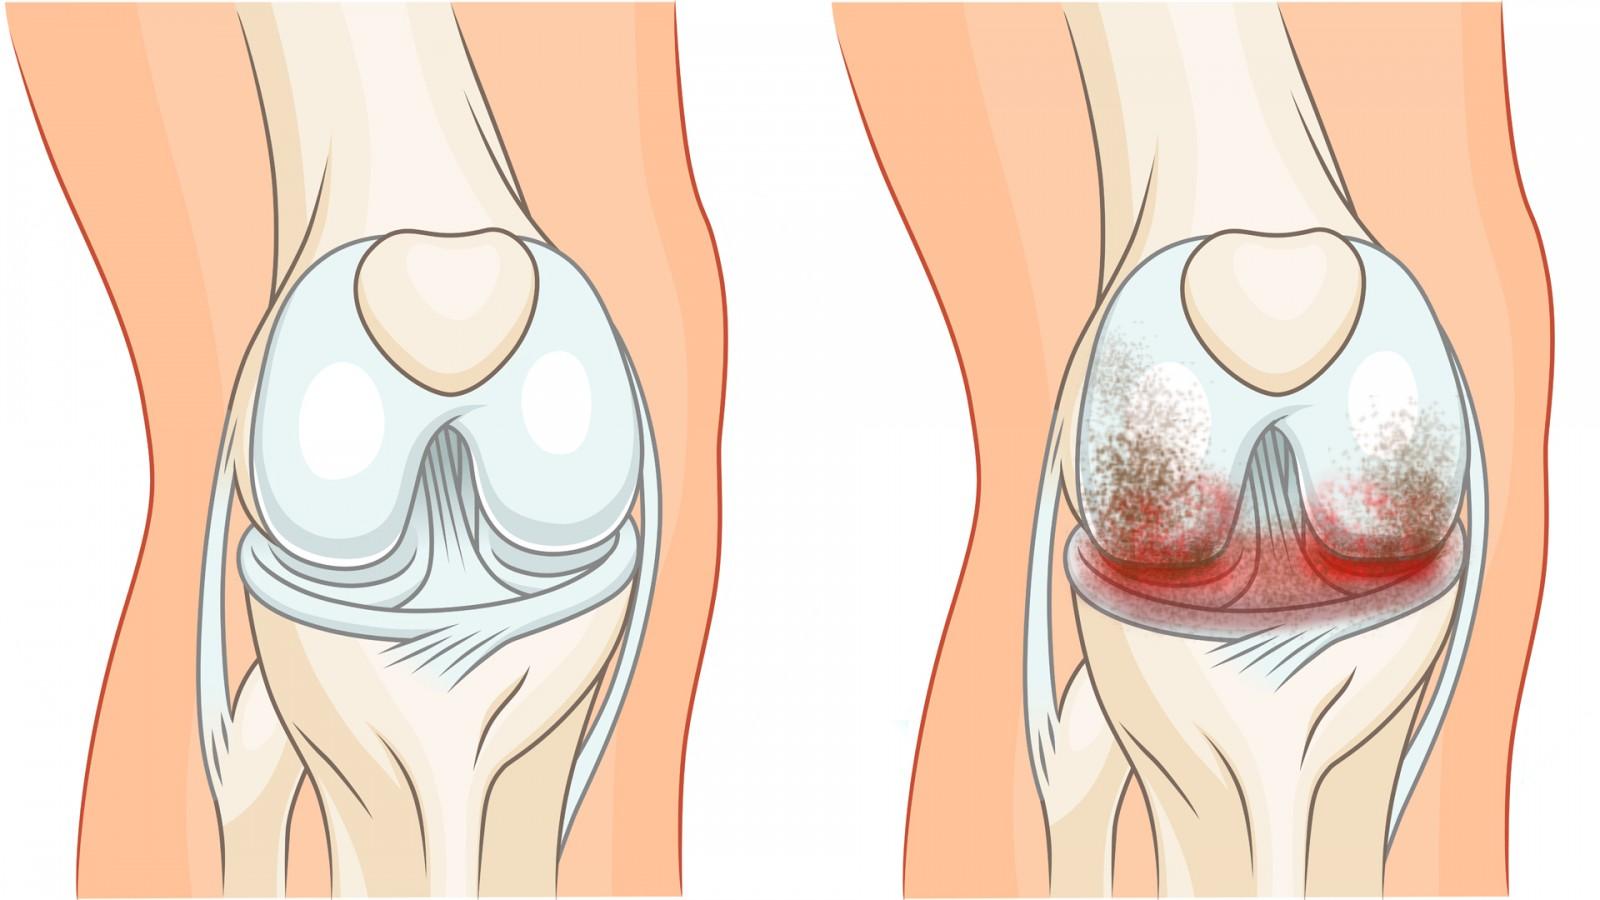 Гонартроз коленного сустава 1 степени: причины развития, симптомы, лечение